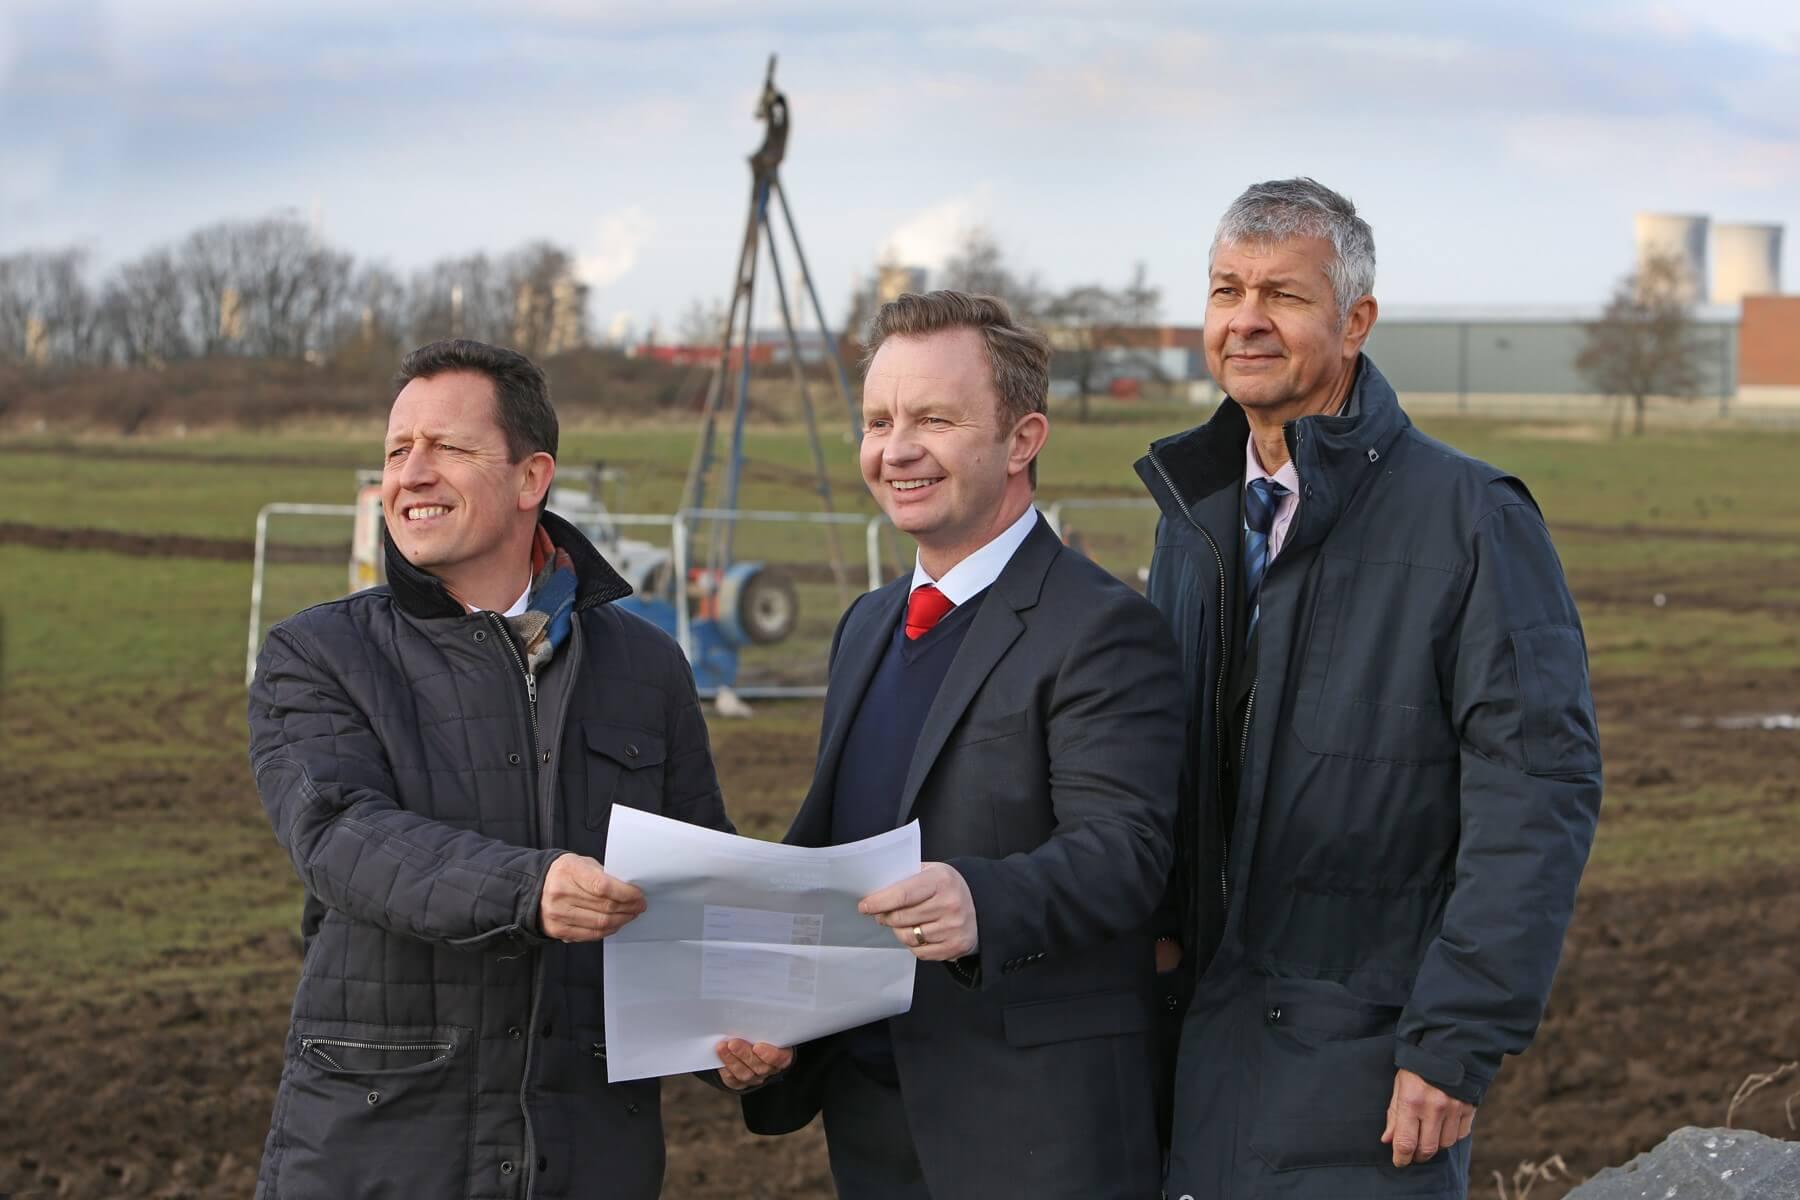 From left, Richard Wilson of Dodds Brown, Geoff Hogg and Richard Brown of Dodds Brown